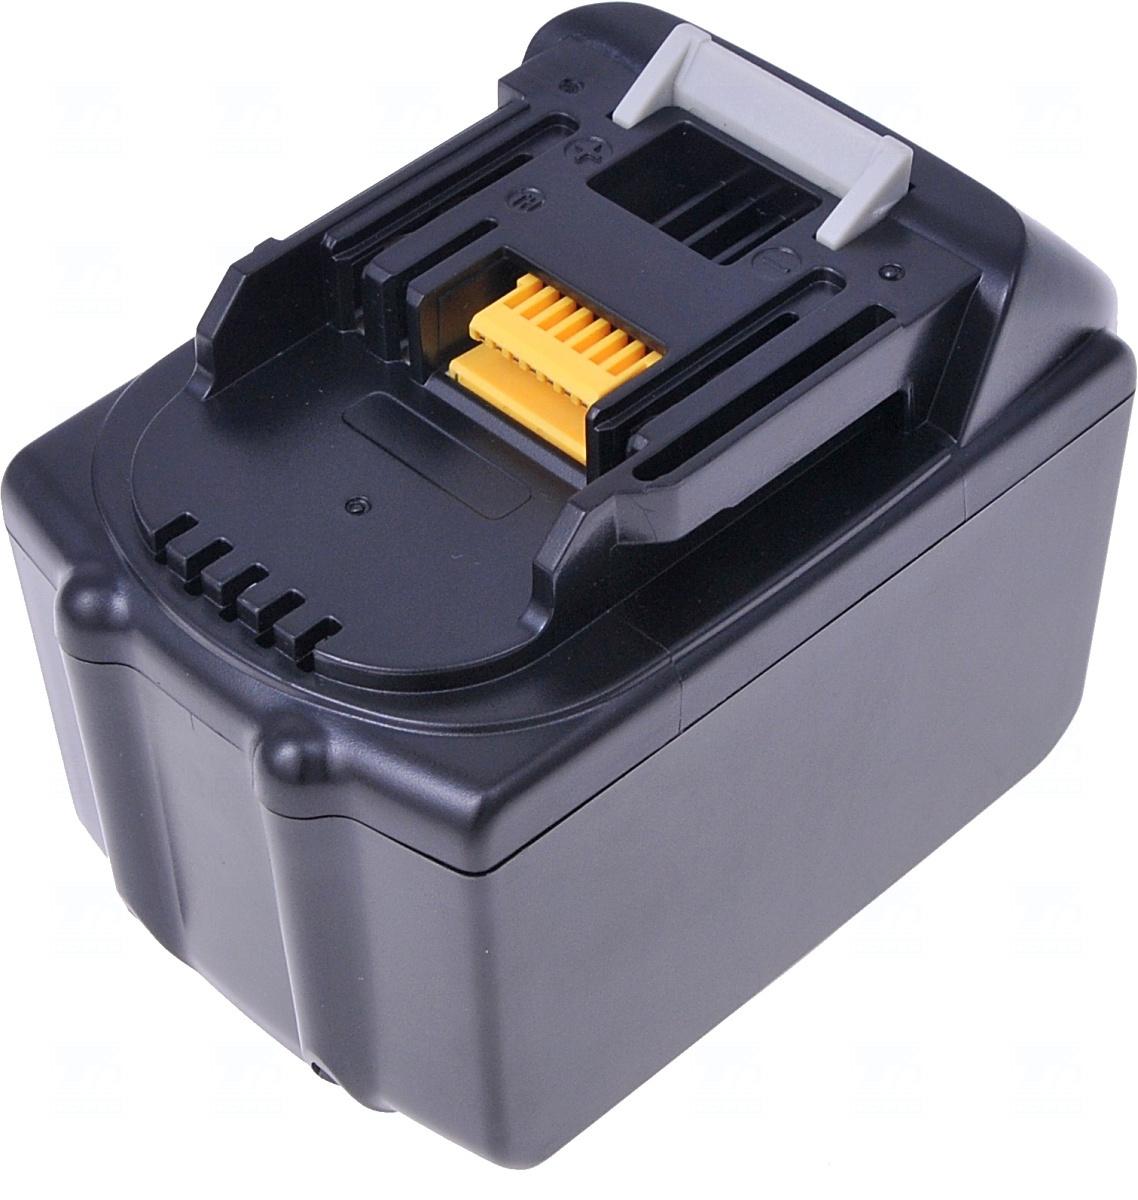 Baterie T6 power BL1830, 194205-3, 194204-5, LXT400, BL1840, BL1815, BL1860, BL1850, BL1845